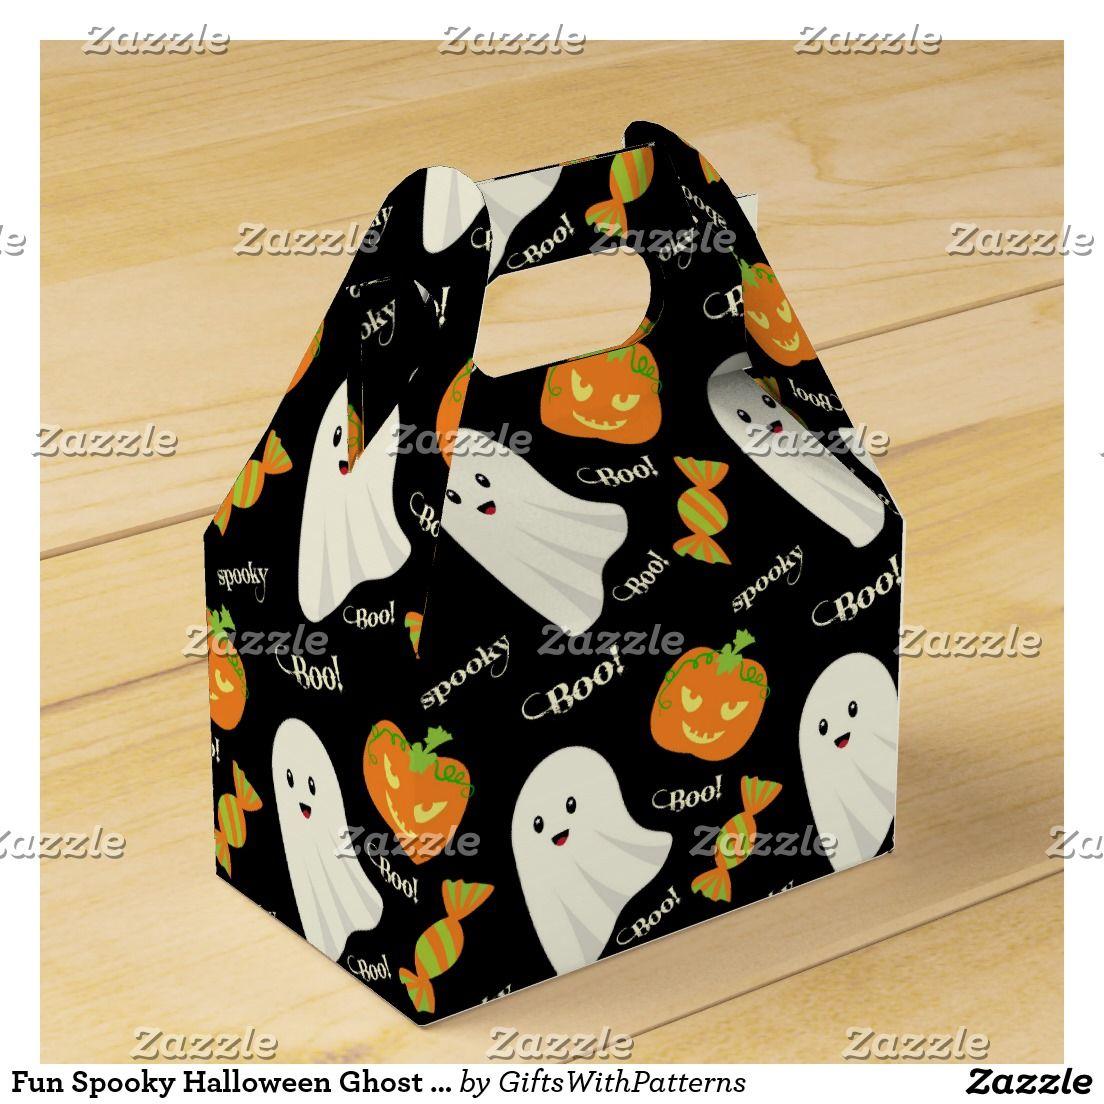 Cute Spooky Halloween Ghost Pumpkin Candy Pattern Favor